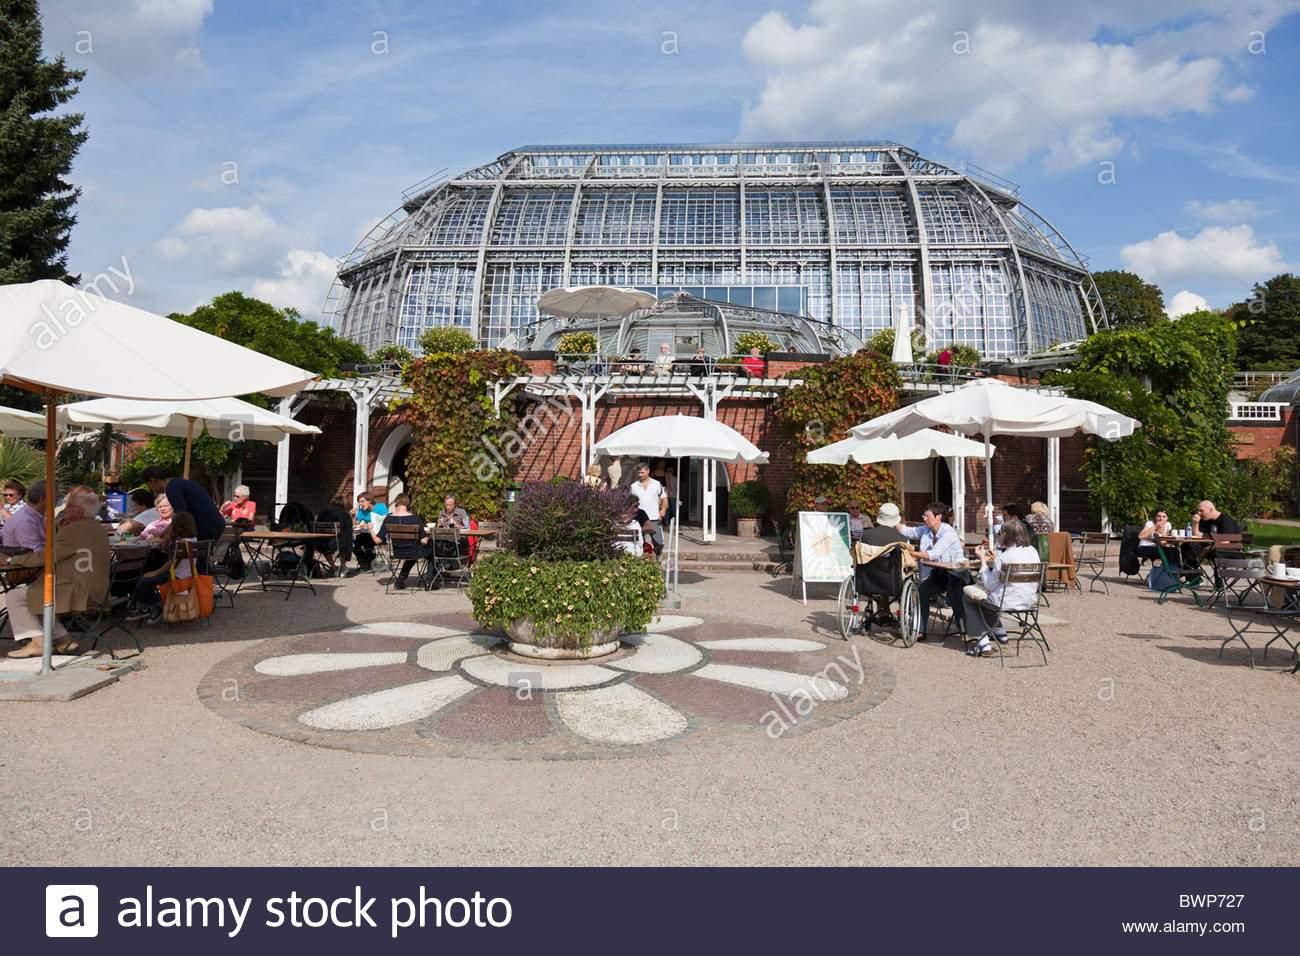 cafe berlin botanischer garten botanischer garten vor dem grossen pavillon das grosse tropenhaus eines der grossten glas bwp727